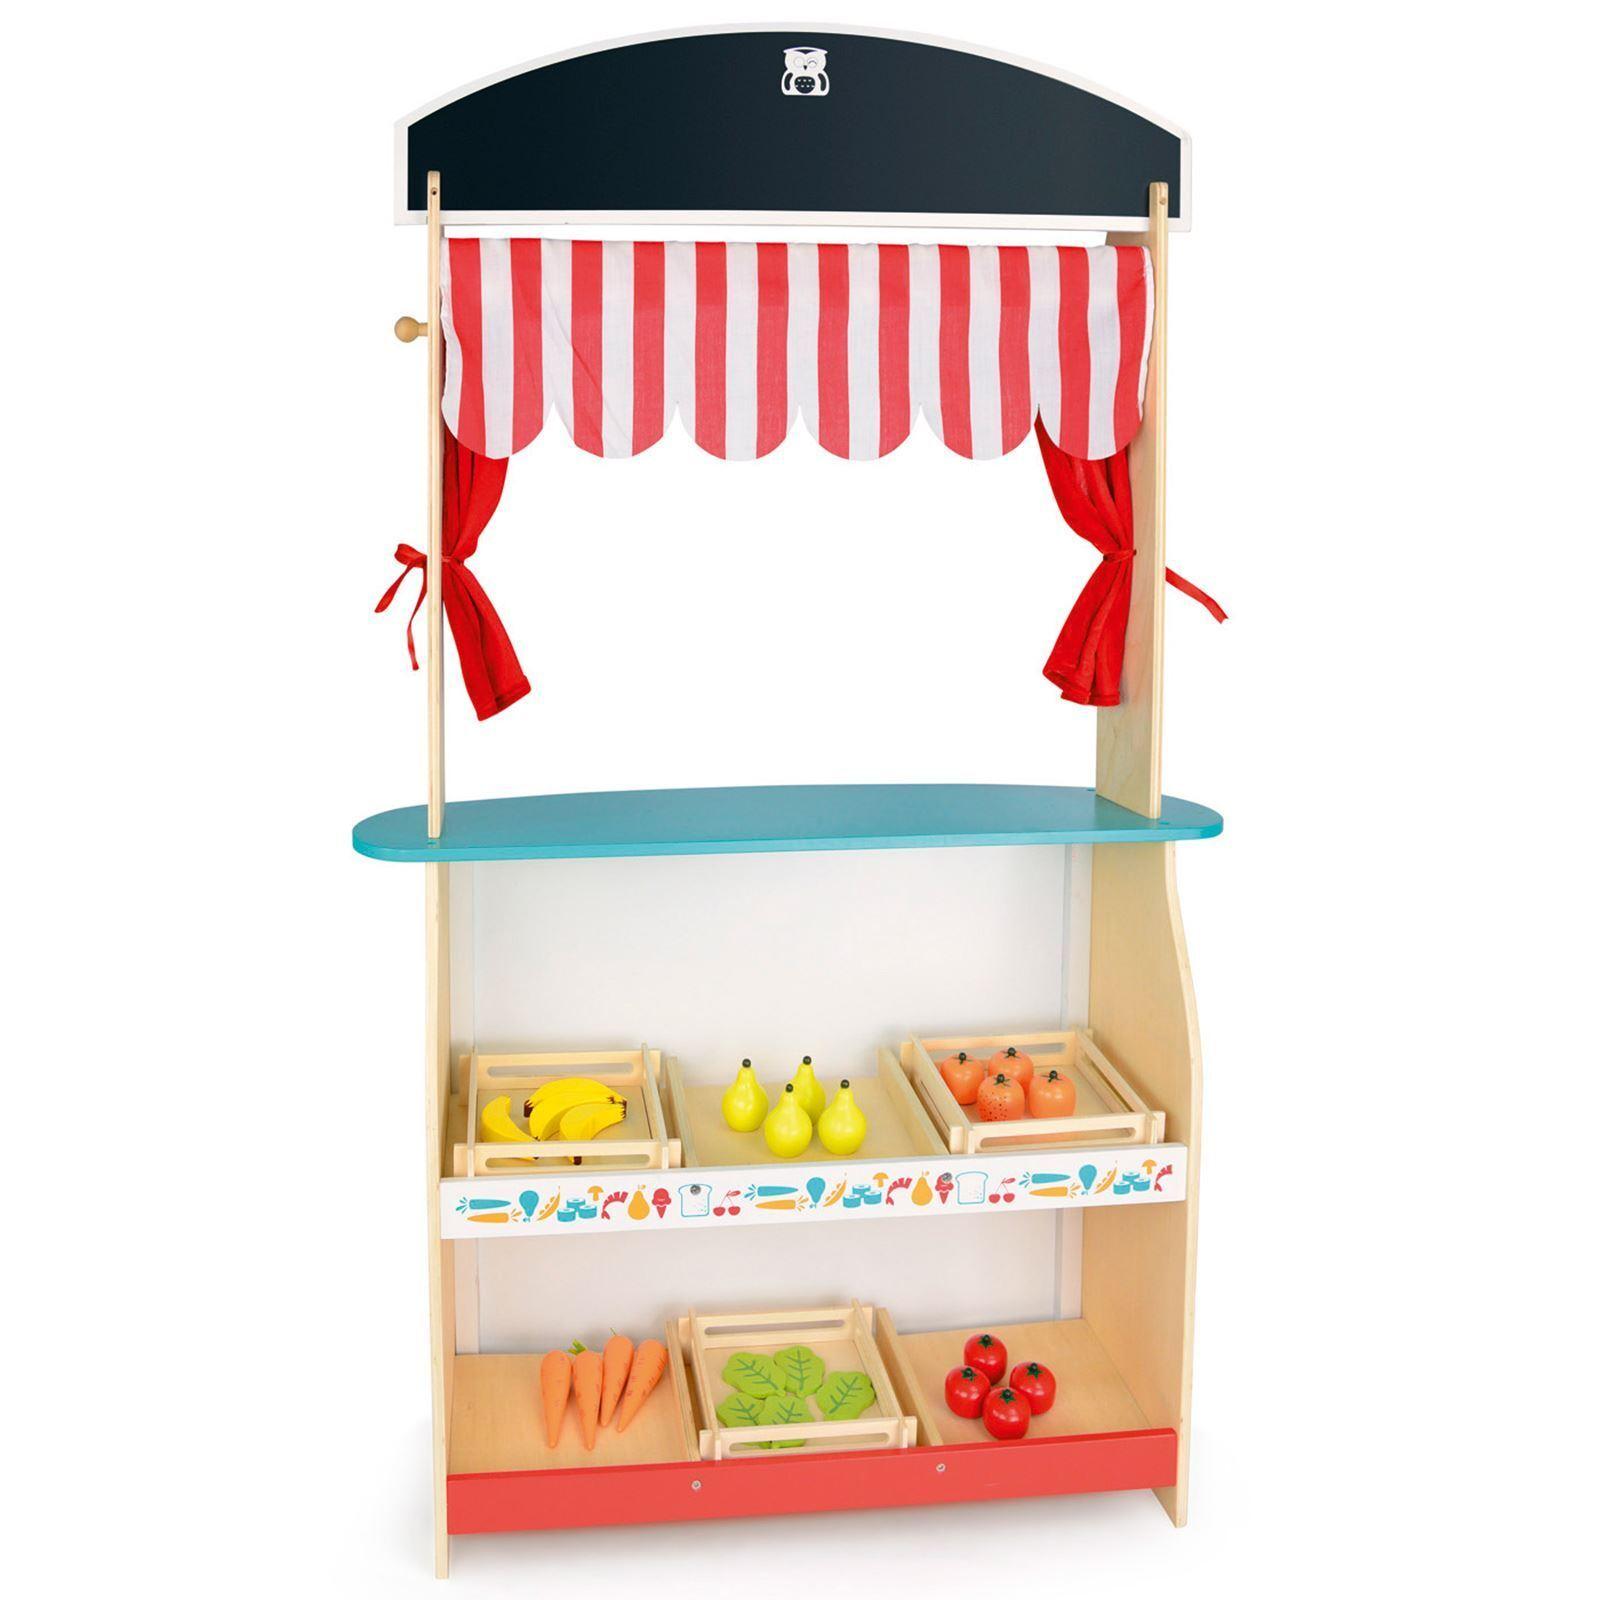 Leomark Holz Shop & Theater Kinder 2 in 1 Spielset Spaß Activity Spielraum